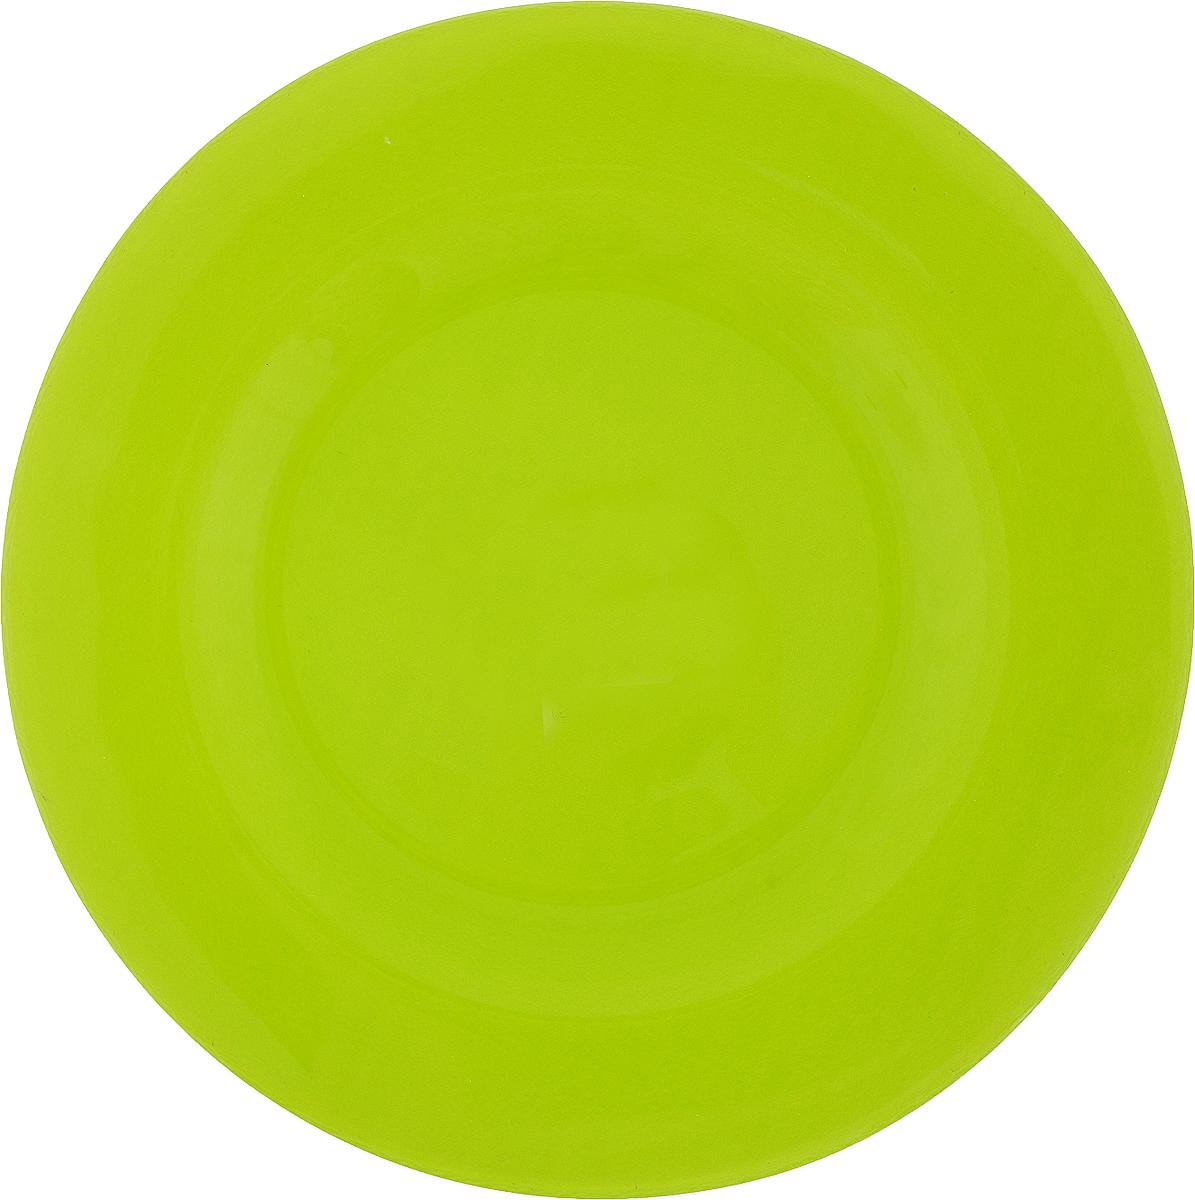 Тарелка Pasabahce Грин Виллаж, цвет: зеленый, диаметр 26 см10328SLBD14Тарелка Pasabahce Грин Виллаж выполнена из качественного стекла. Тарелка прекрасно подойдет в качестве сервировочного блюда для фруктов, десертов, закусок, торта и другого. Диаметр тарелки: 26 см.